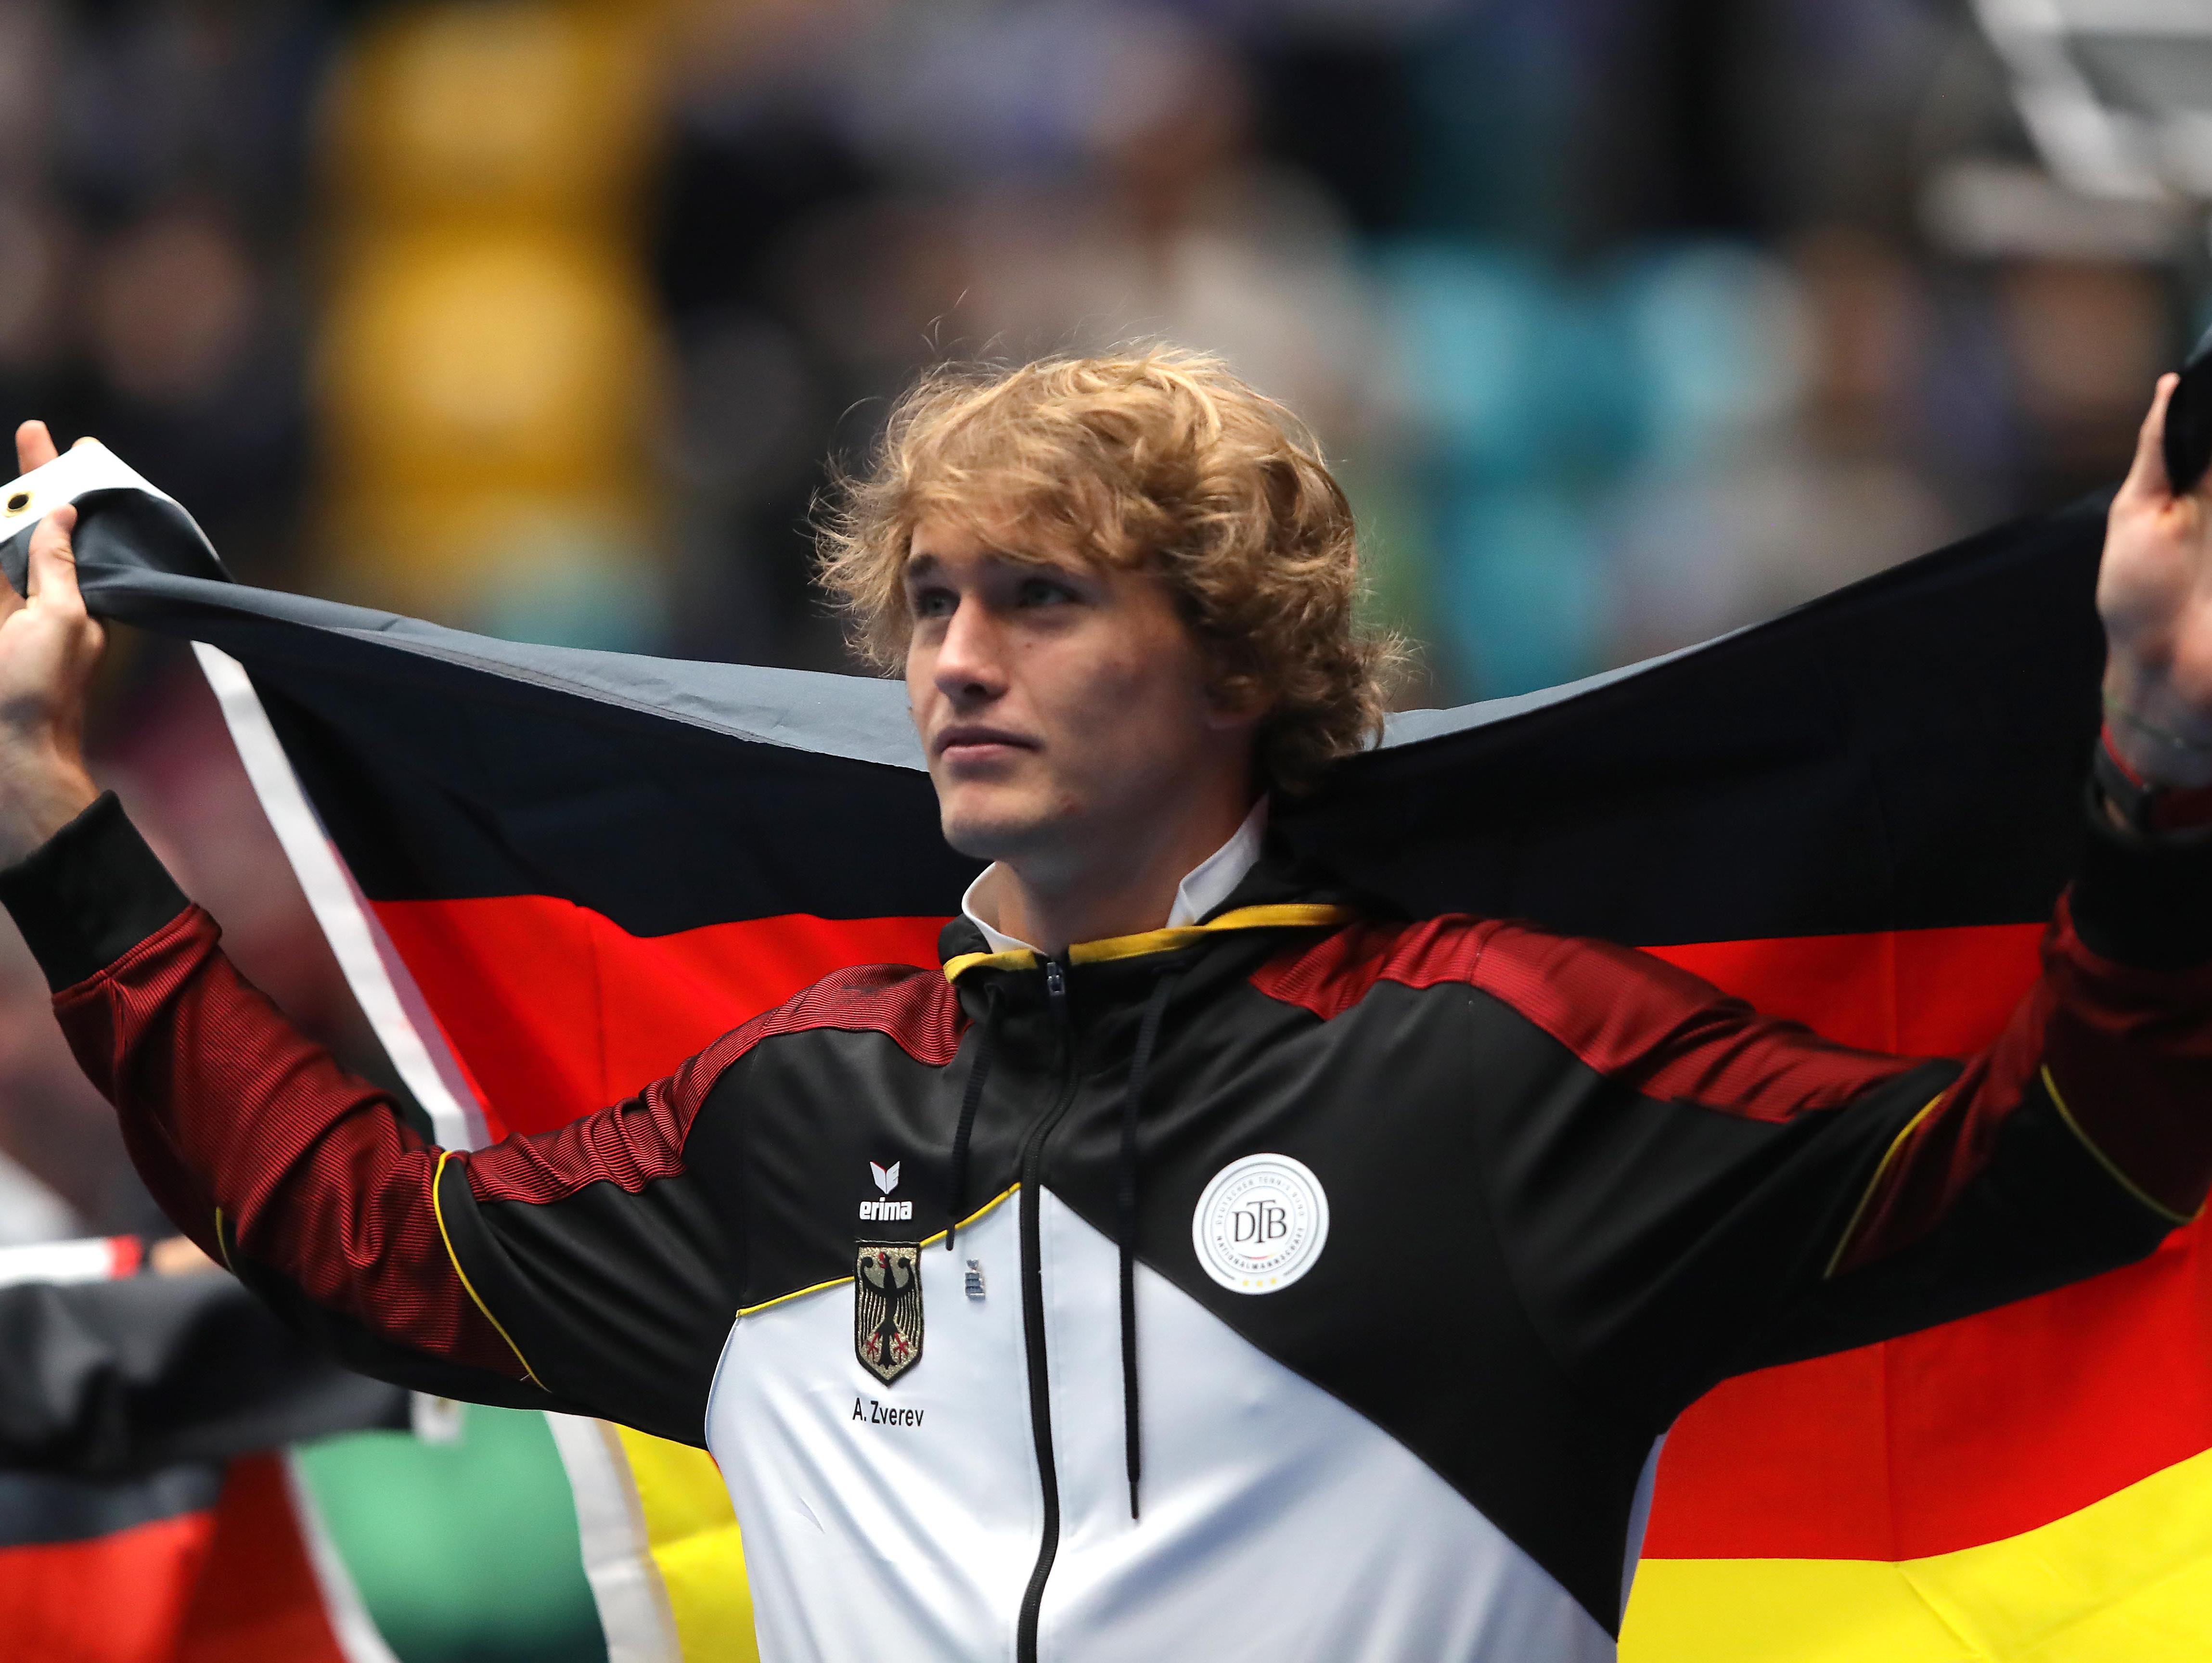 גביע דייויס: סשה זברב הוביל את גרמניה לטורניר הגמר